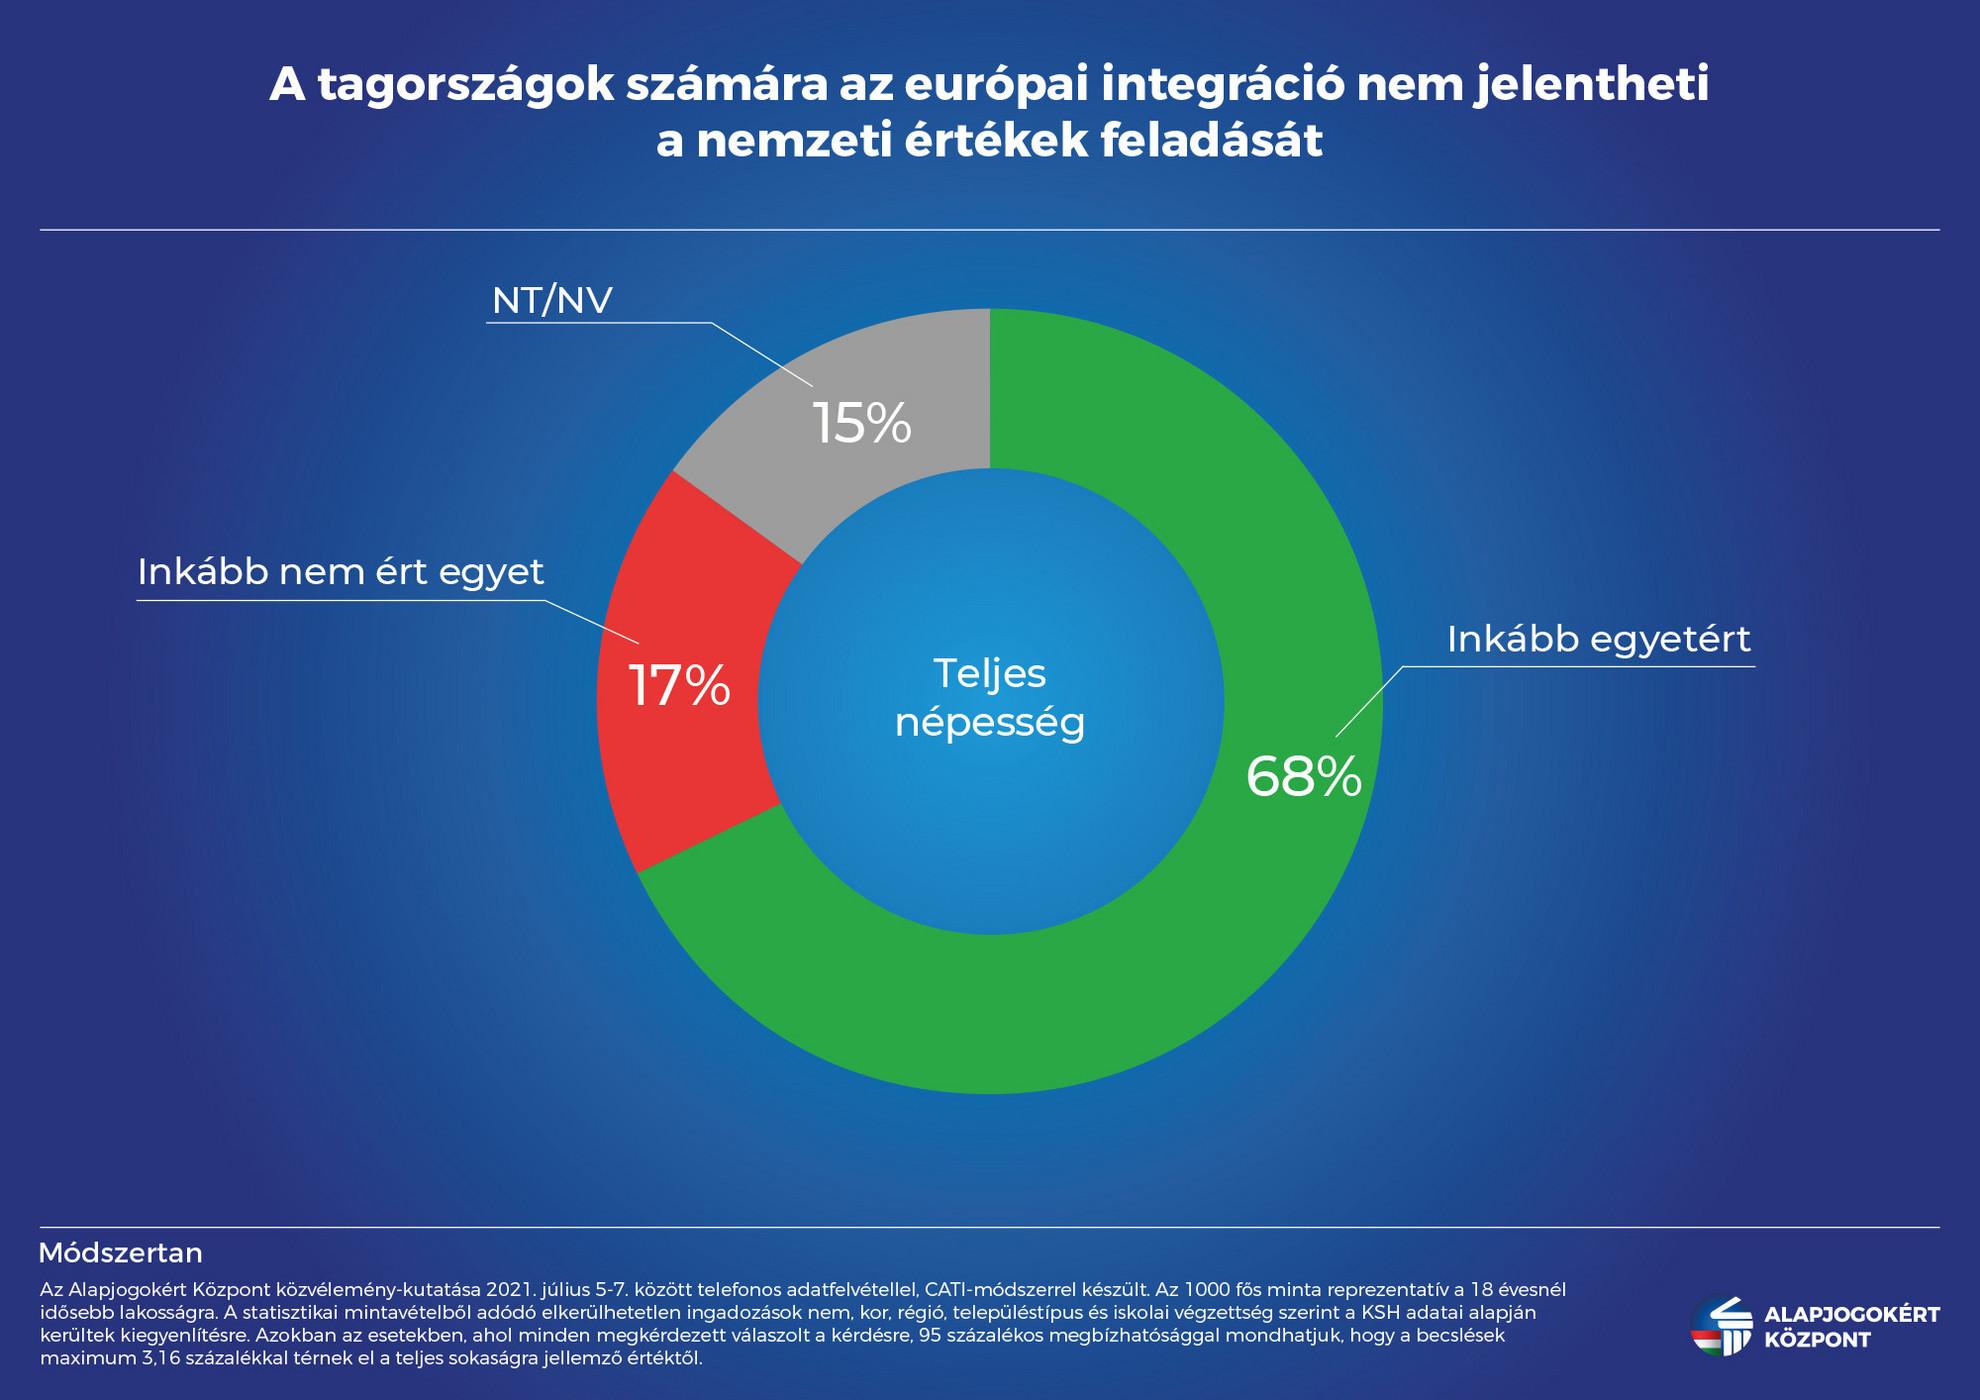 Nem jelentheti a nemzeti értékek feladását az európai integráció támogatása